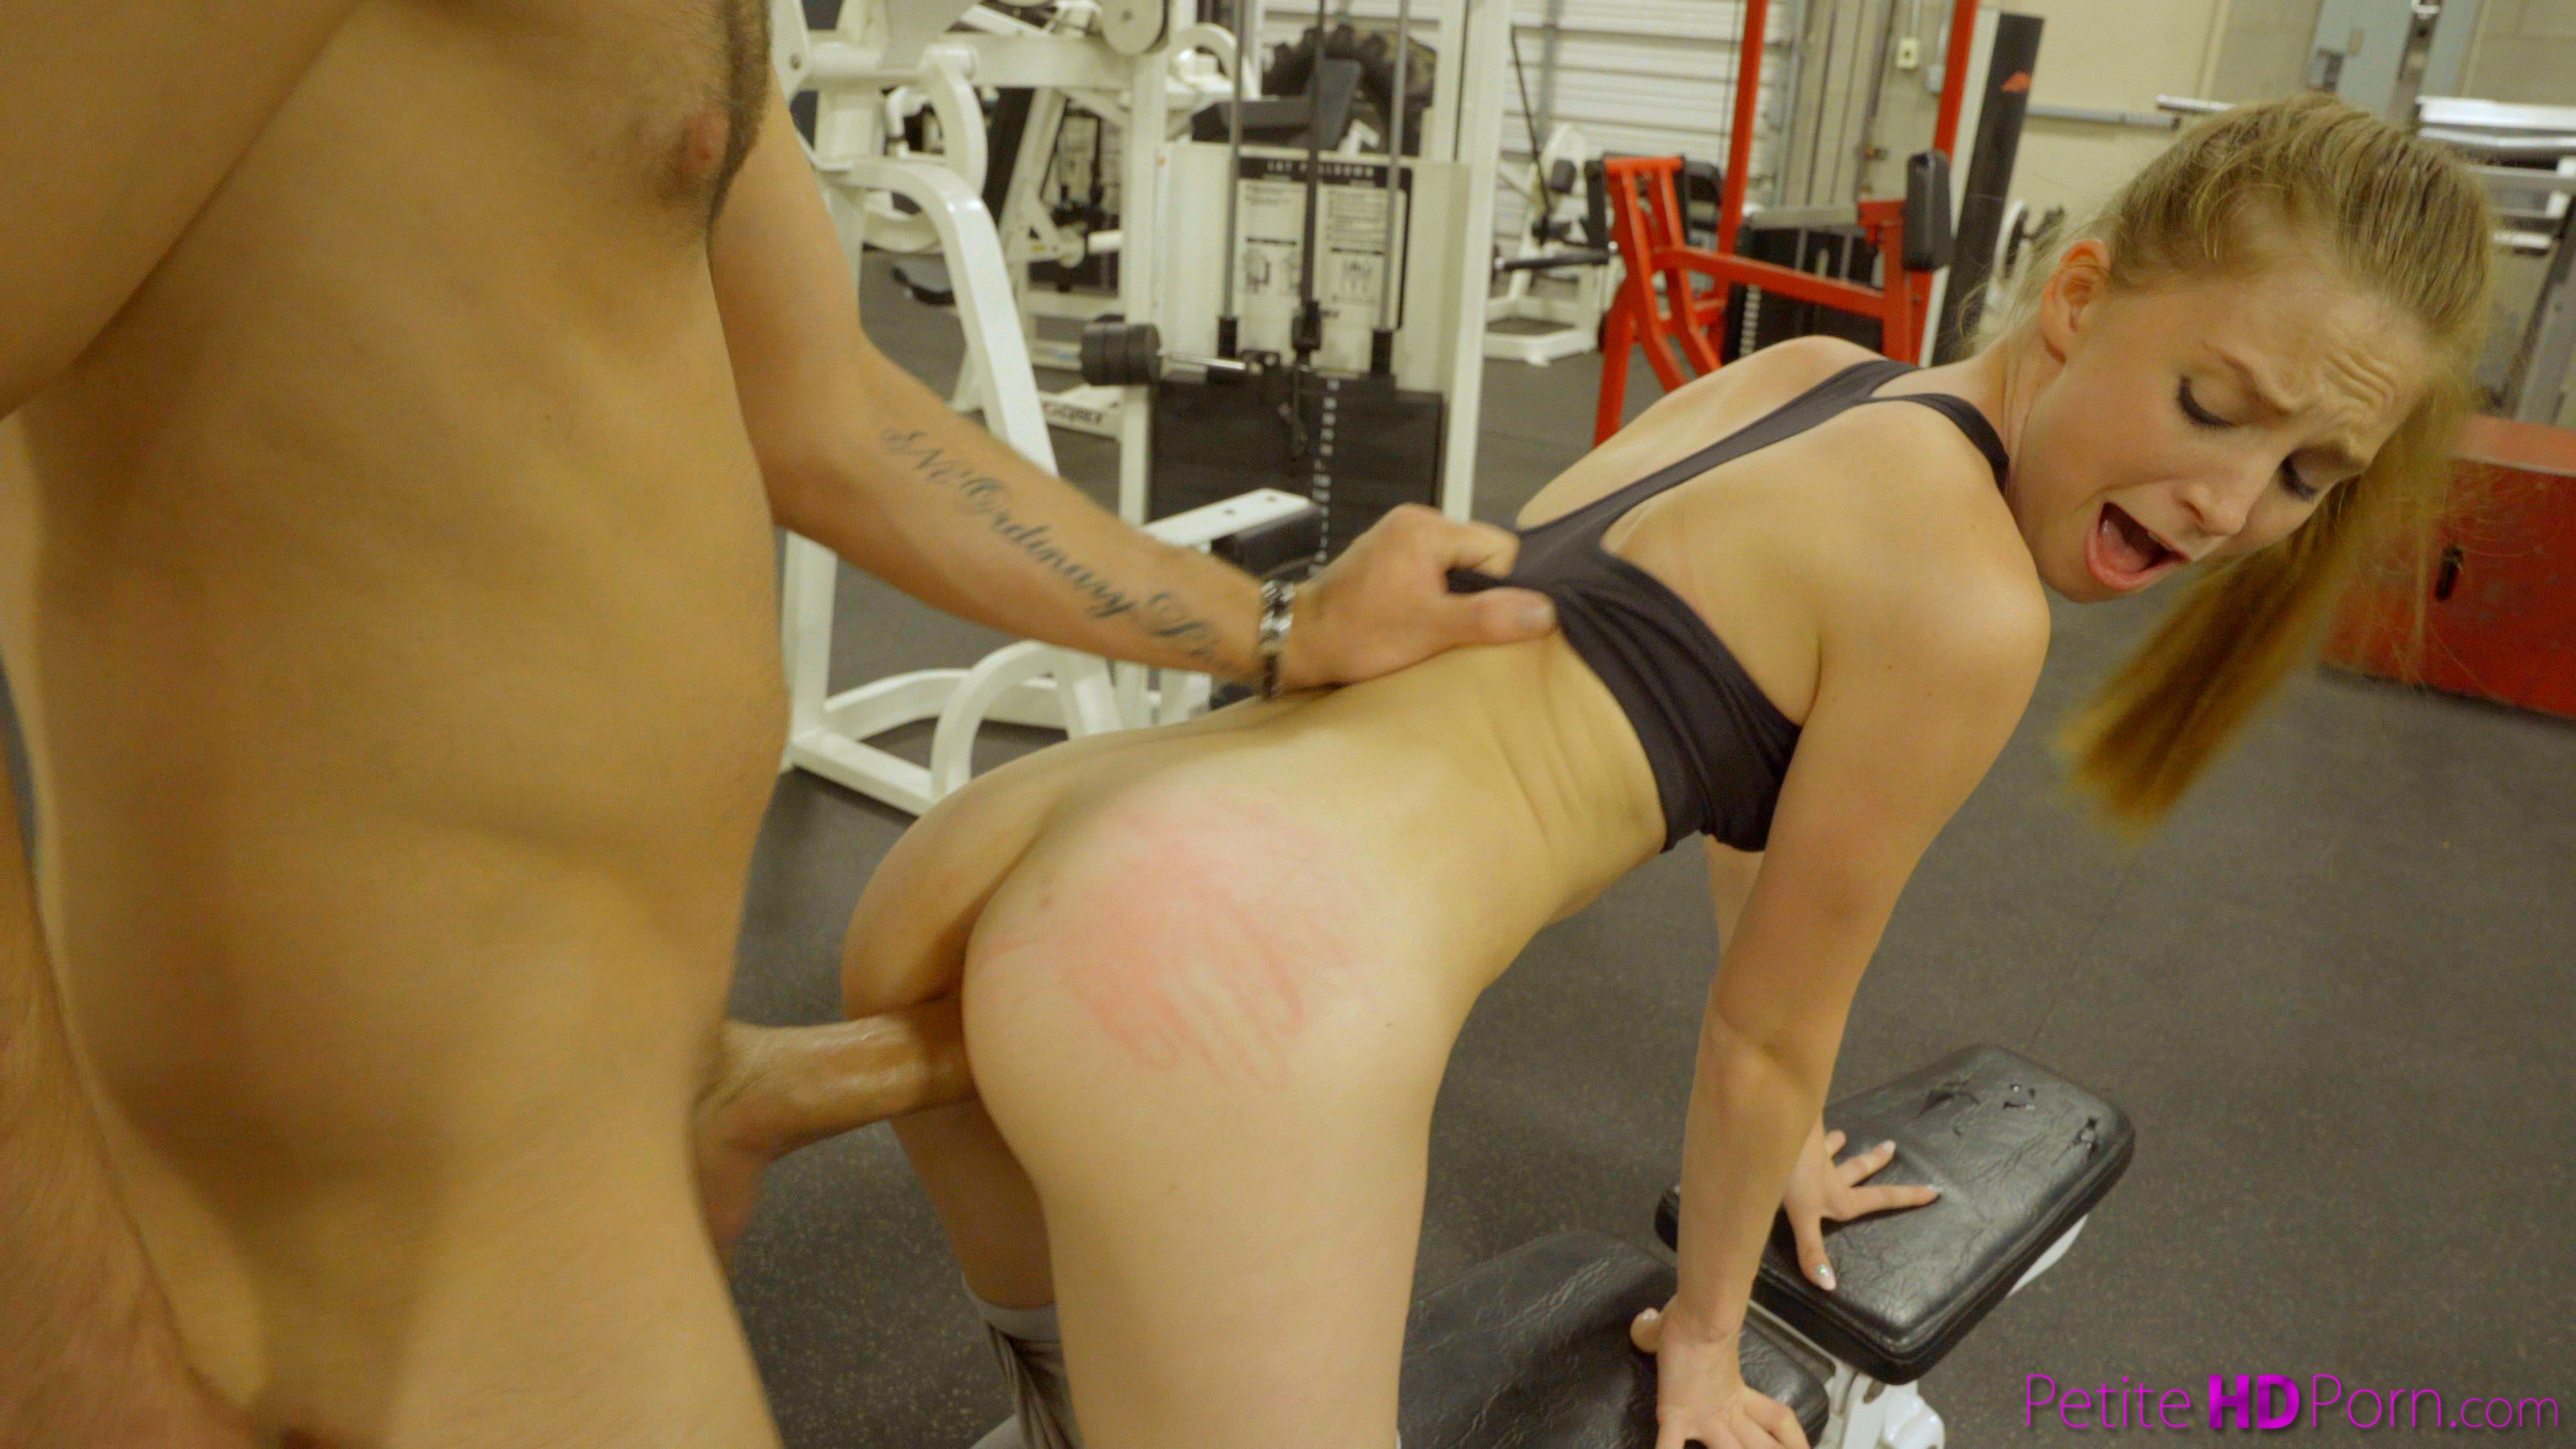 PetiteHDPorn.com - Ava Parker: Sex At The Gym - S16:E10